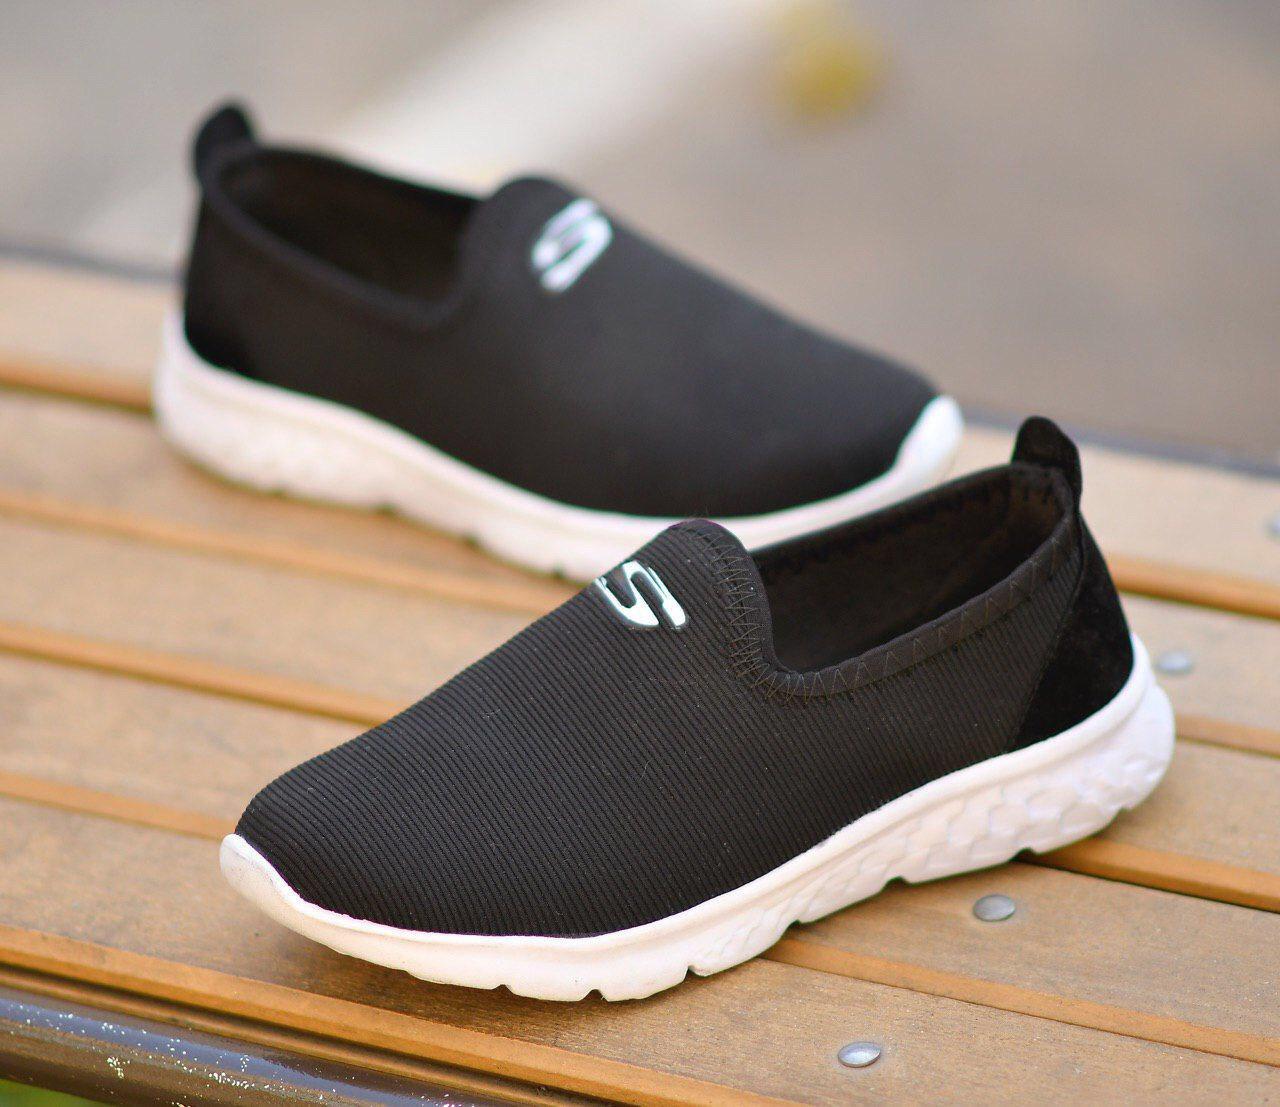 کفش کلاسیک با رویه بافت